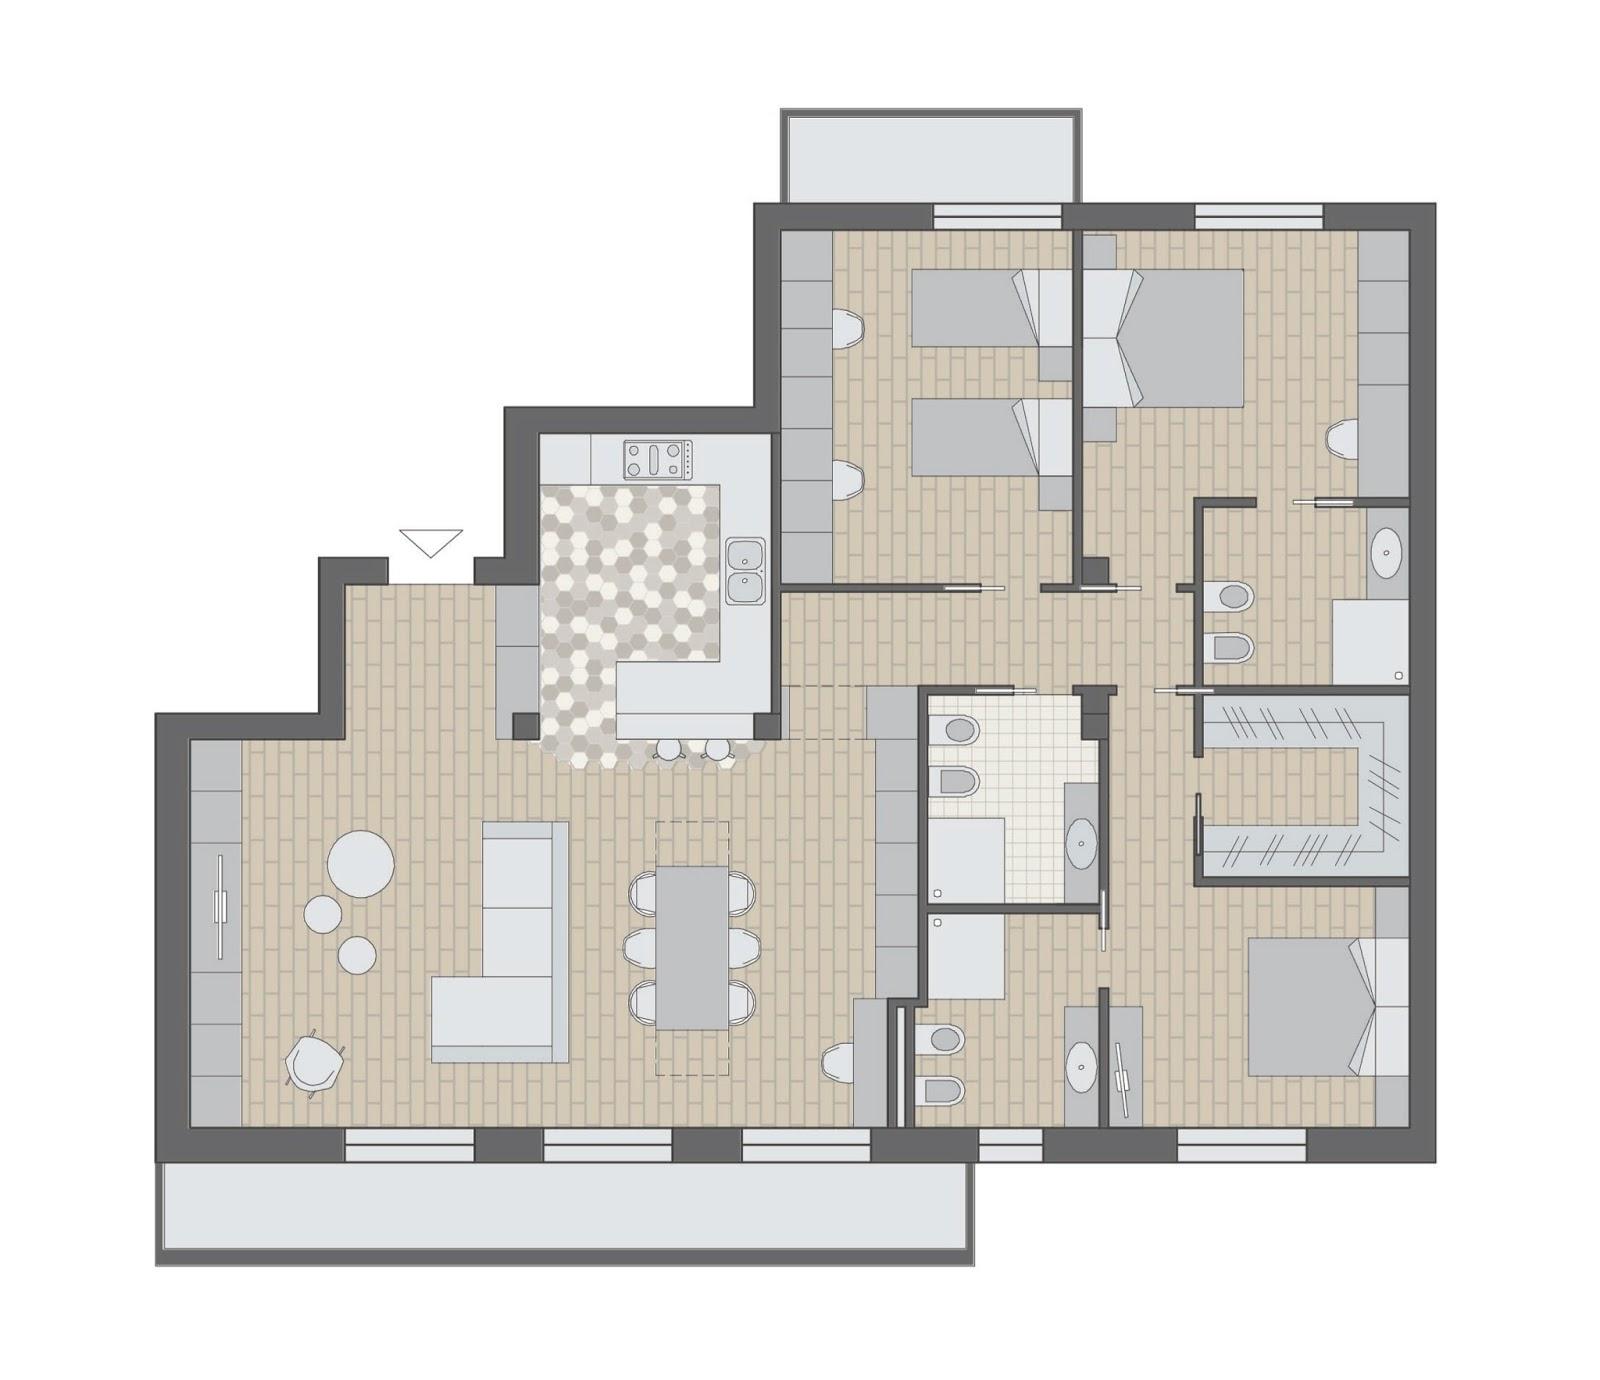 Progetto casafacile appartamento di 270 mq a milano for Casa con 5 camere da letto e 2 piani